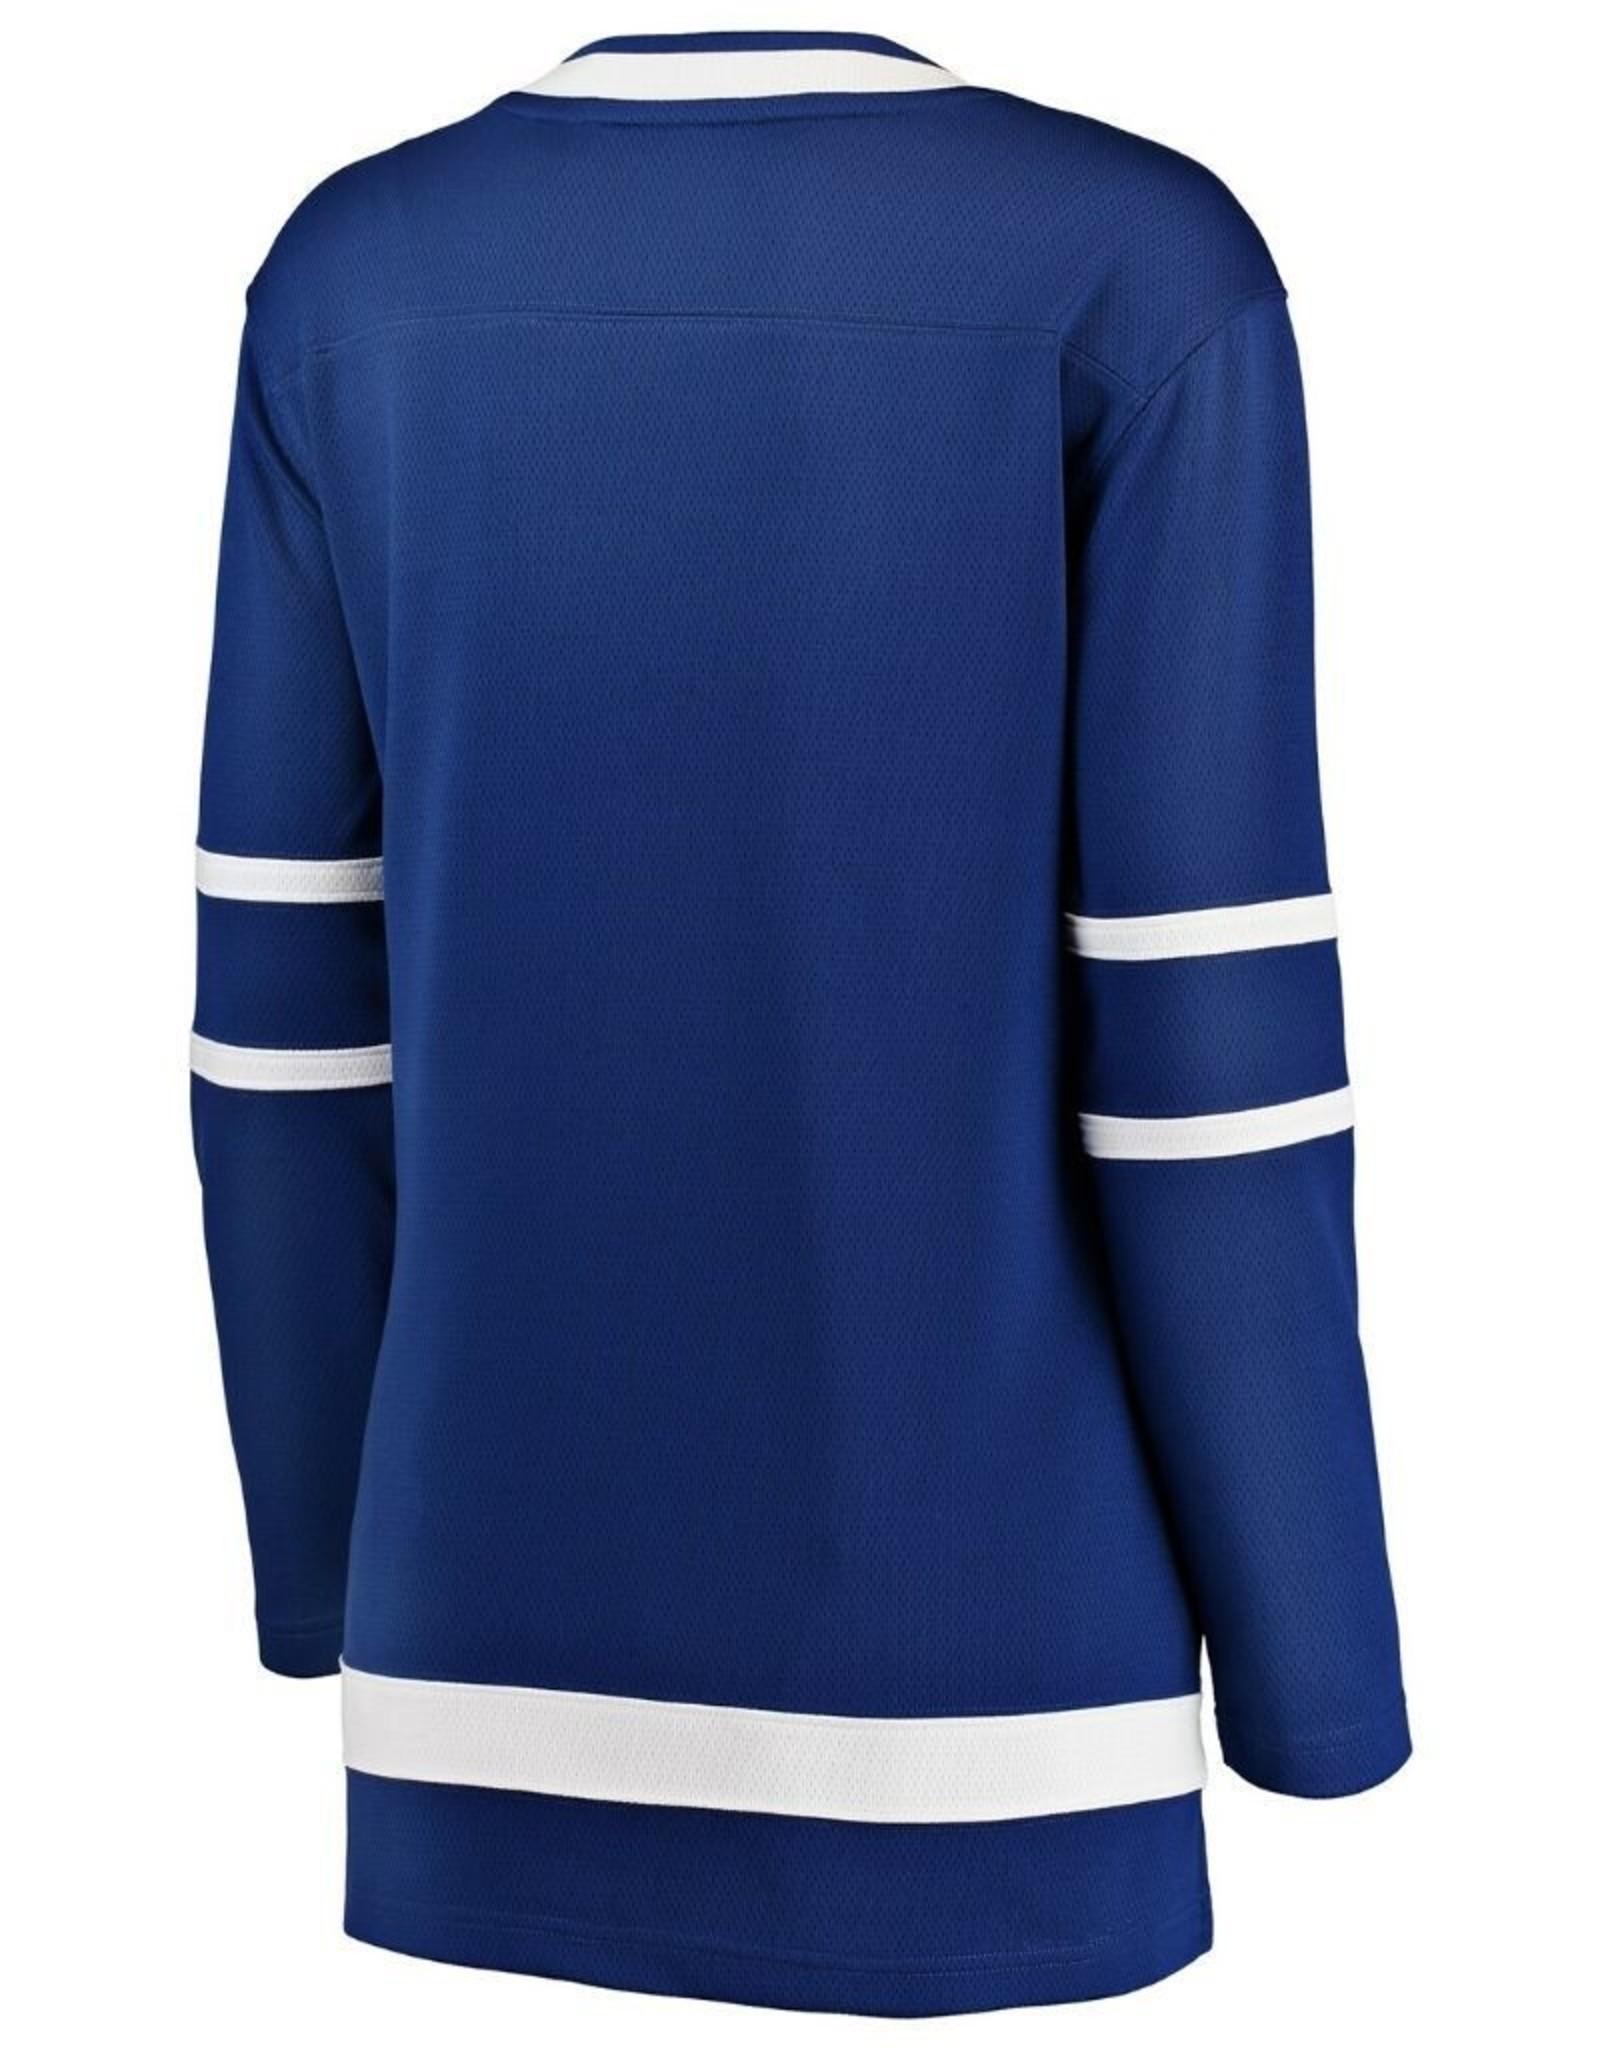 Fanatics Fanatics Women's Breakaway Toronto Maple Leafs Jersey Blue